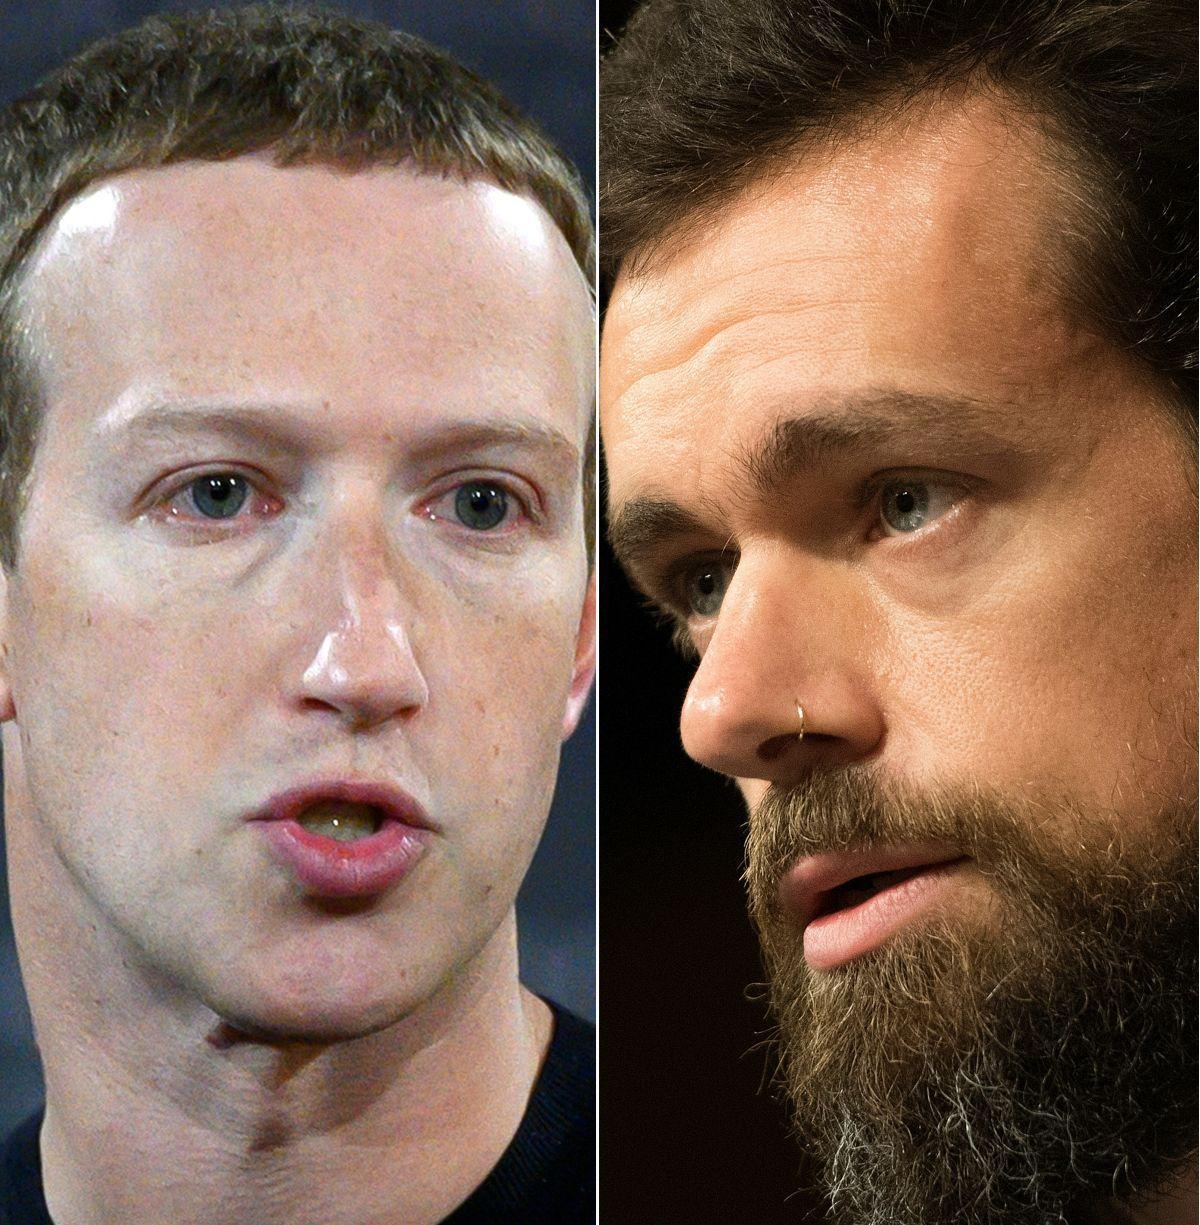 El CEO de Facebook, Mark Zuckerberg y el de Twitter, Jack Dorsey. (Fotos: ANDREW CABALLERO-REYNOLDS y Jim WATSON / AFP).